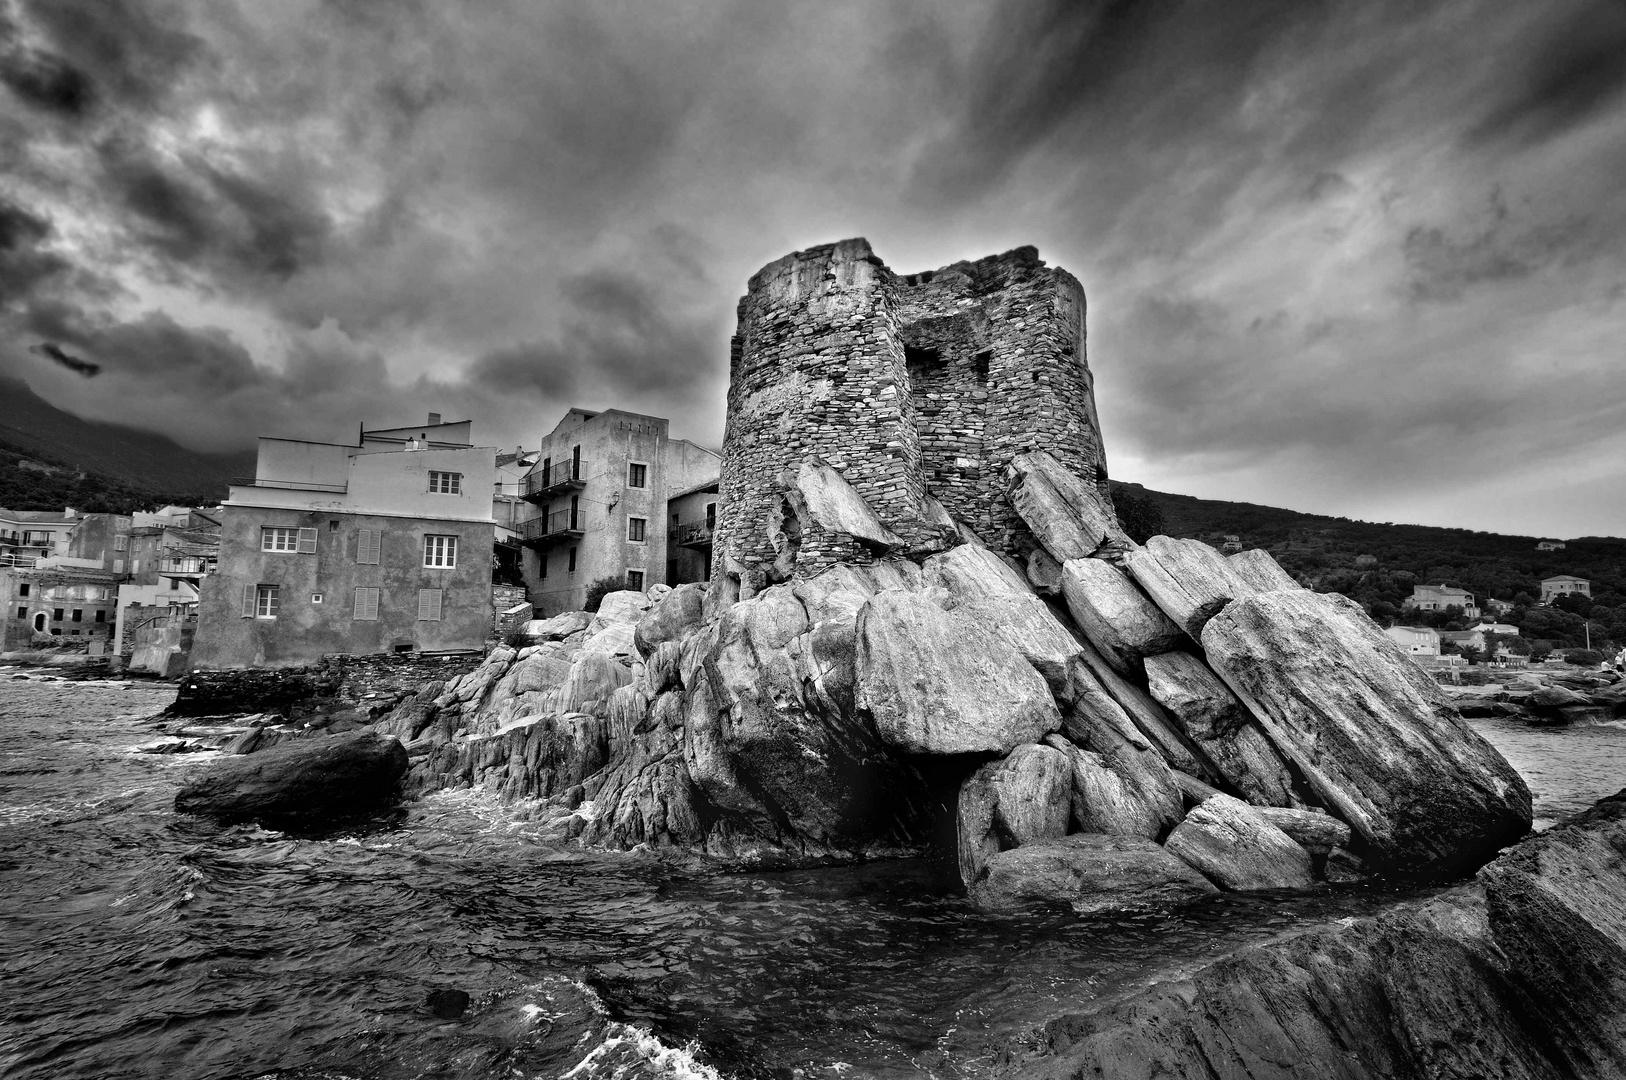 La tour Génoise d'Erbalunga dans le Cap Corse, à proximité de Bastia